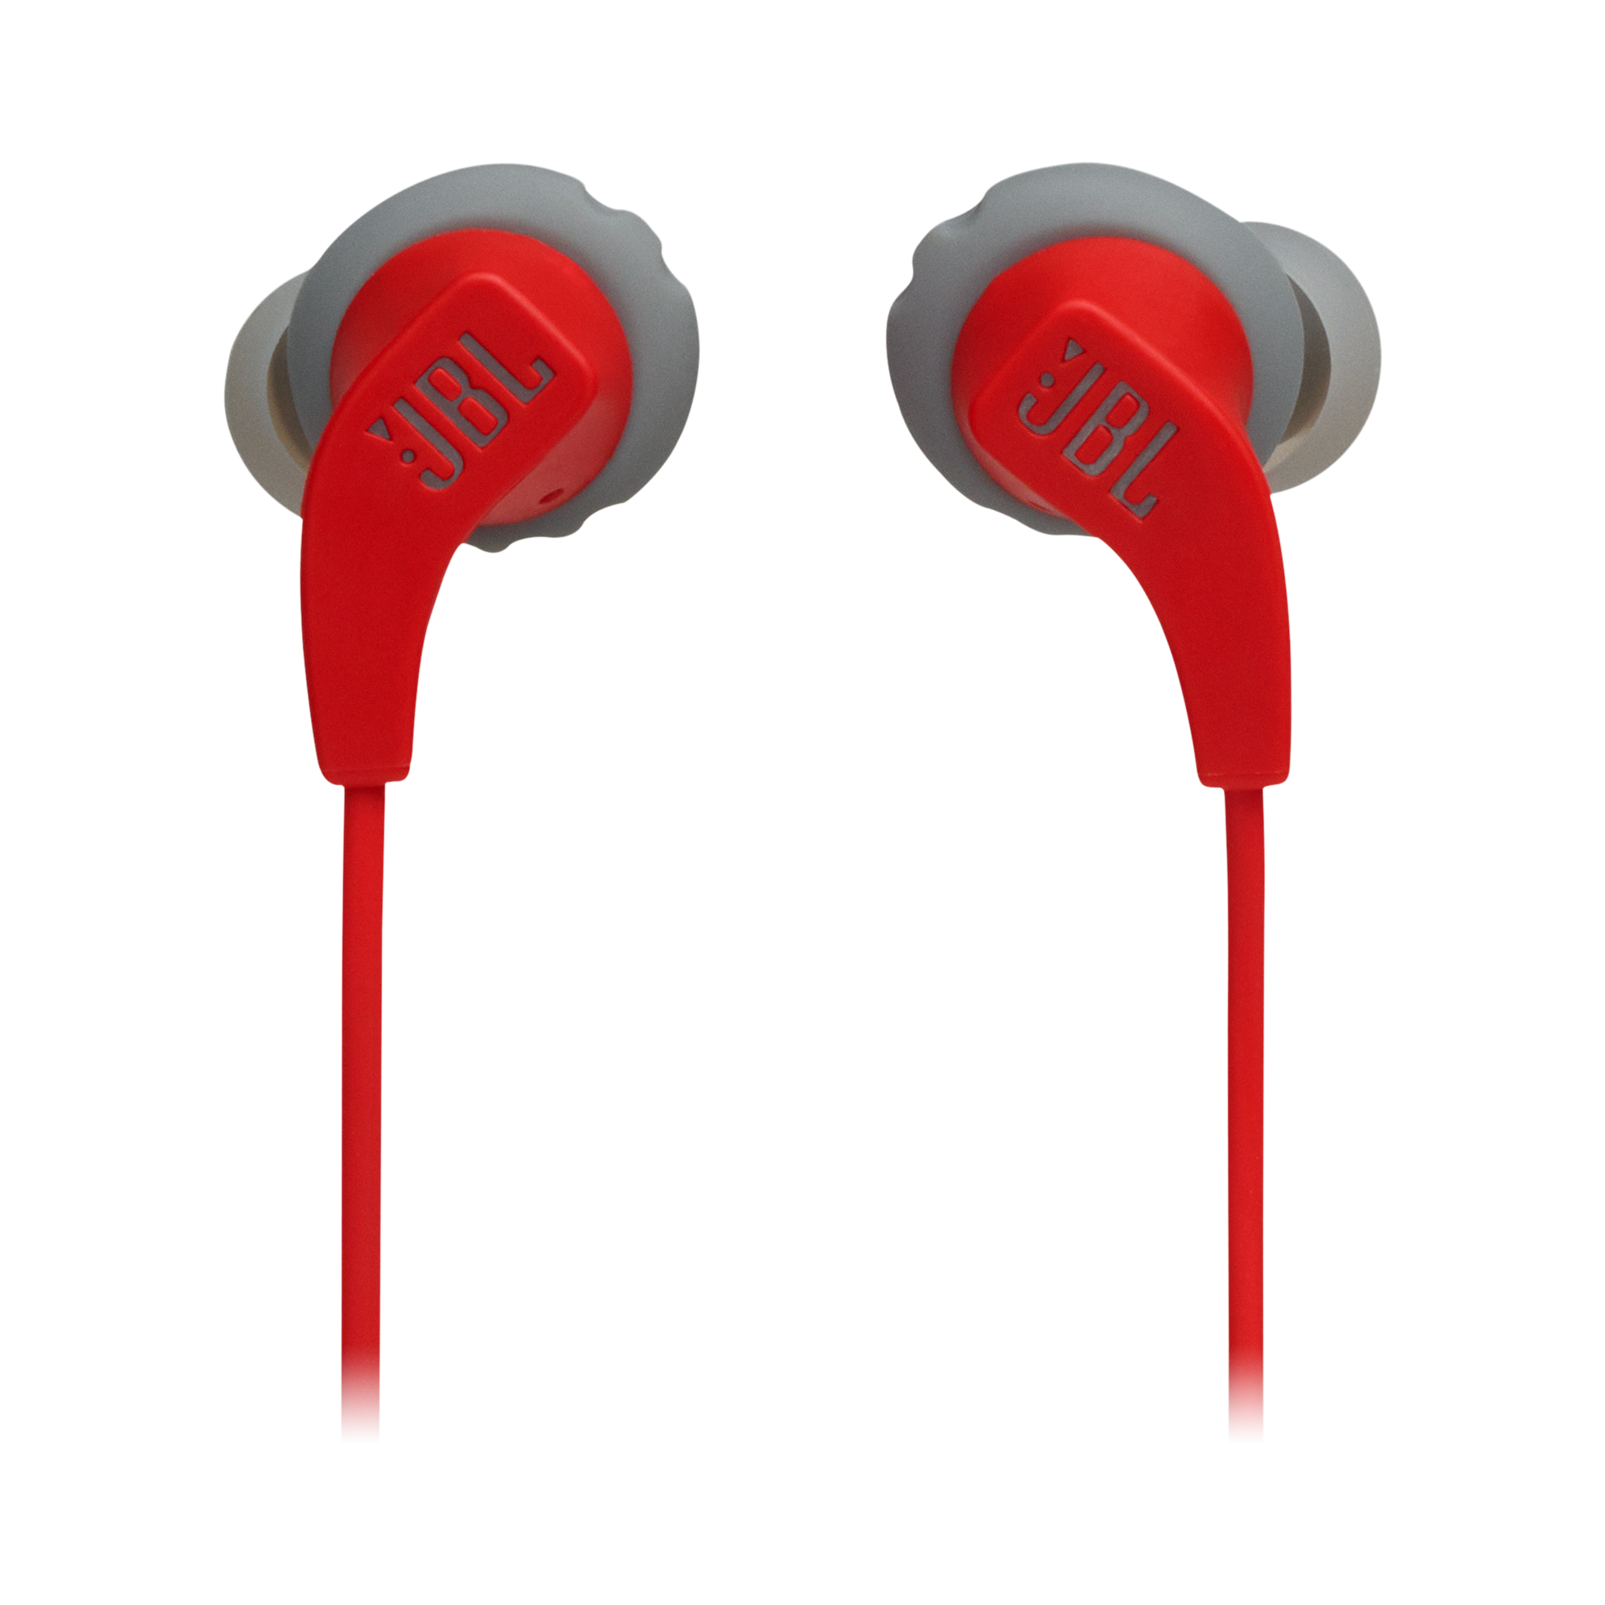 JBL Endurance RUNBT - Red - Sweatproof Wireless In-Ear Sport Headphones - Front